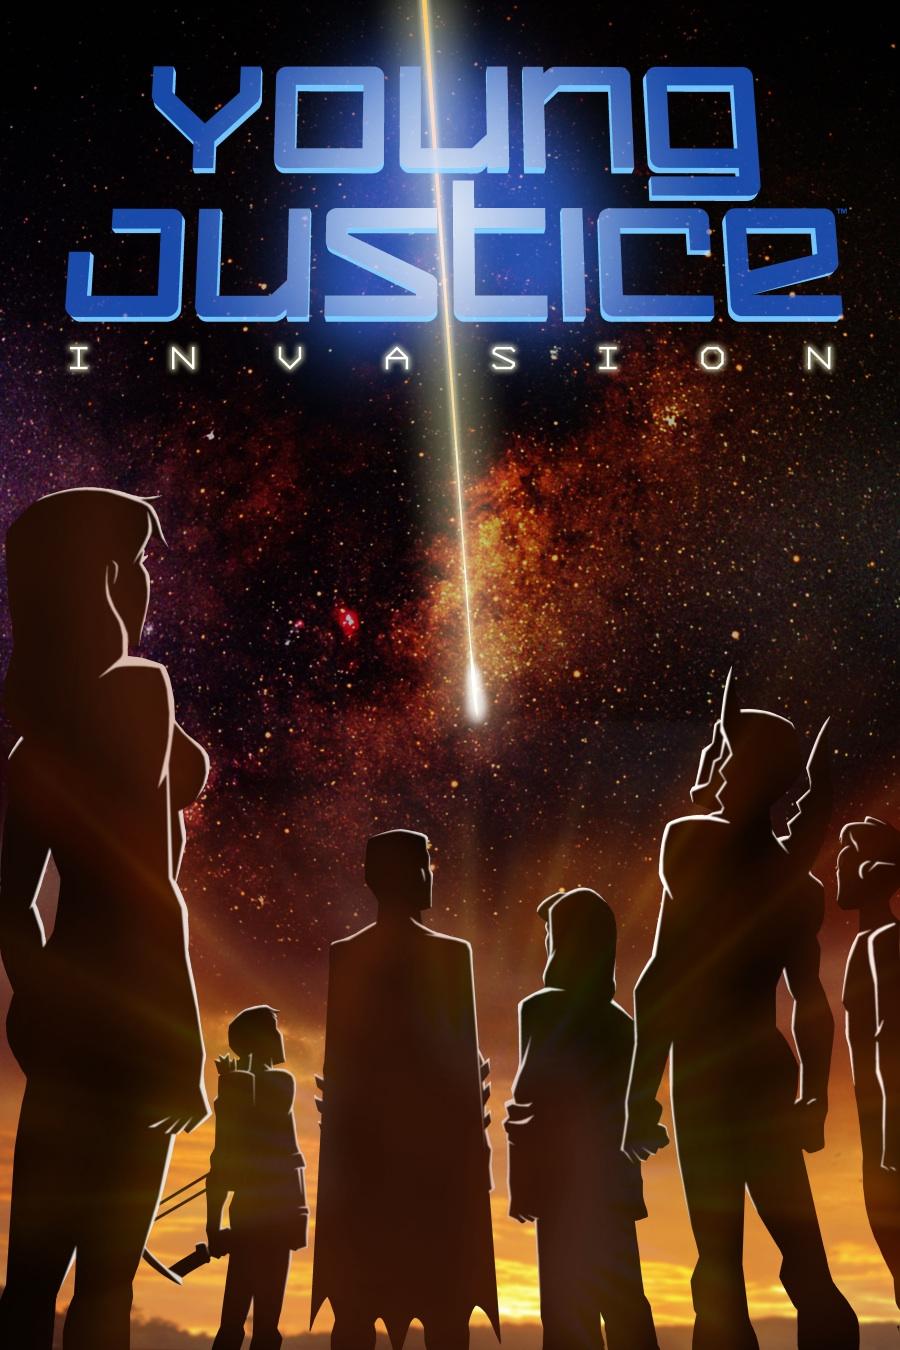 Justicia Joven Invasion (latino)